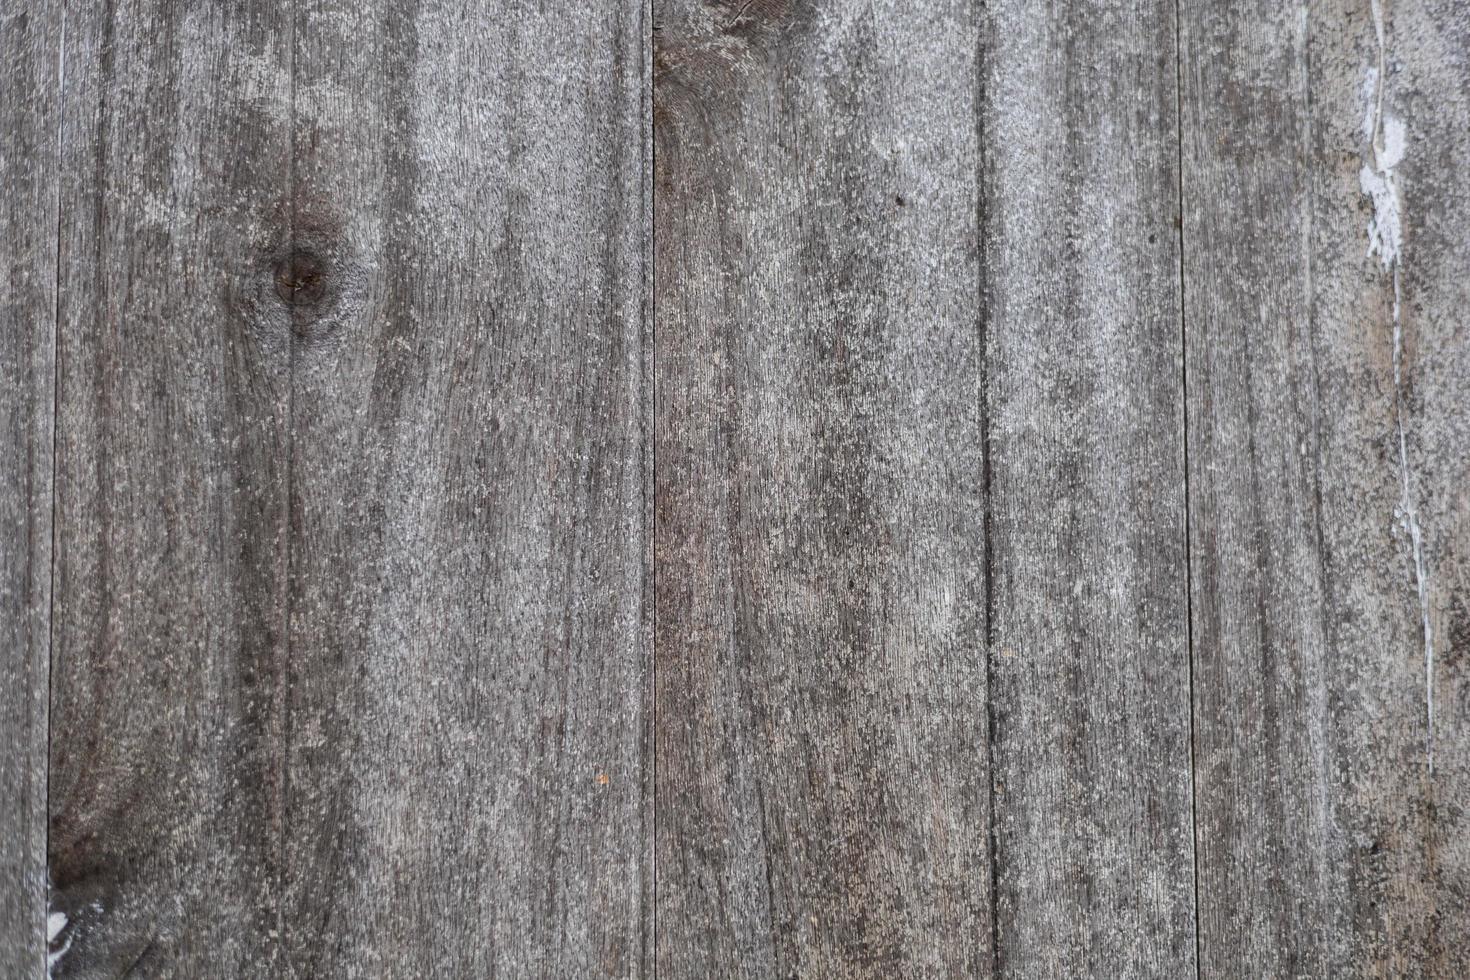 houten oppervlakken gerangschikt in een blad voor de achtergrond foto